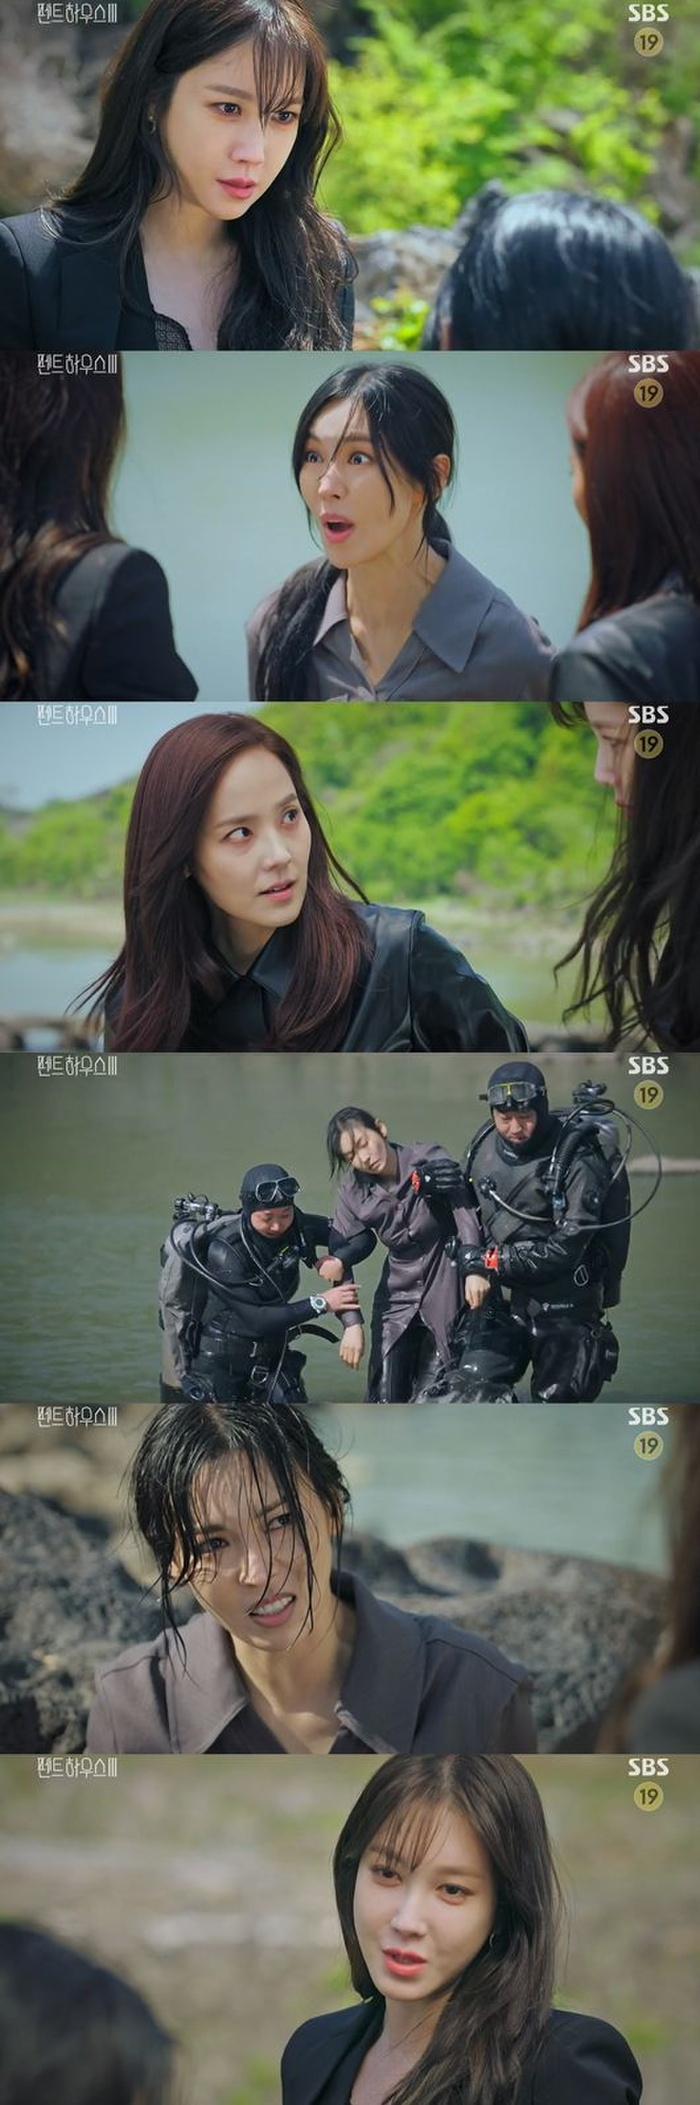 Tập 2 'Penthouse 3': Anh trai sinh đôi của Logan Lee xuất hiện, Cheon Seo Jin hợp tác với Shim Soo Ryeon! Ảnh 1